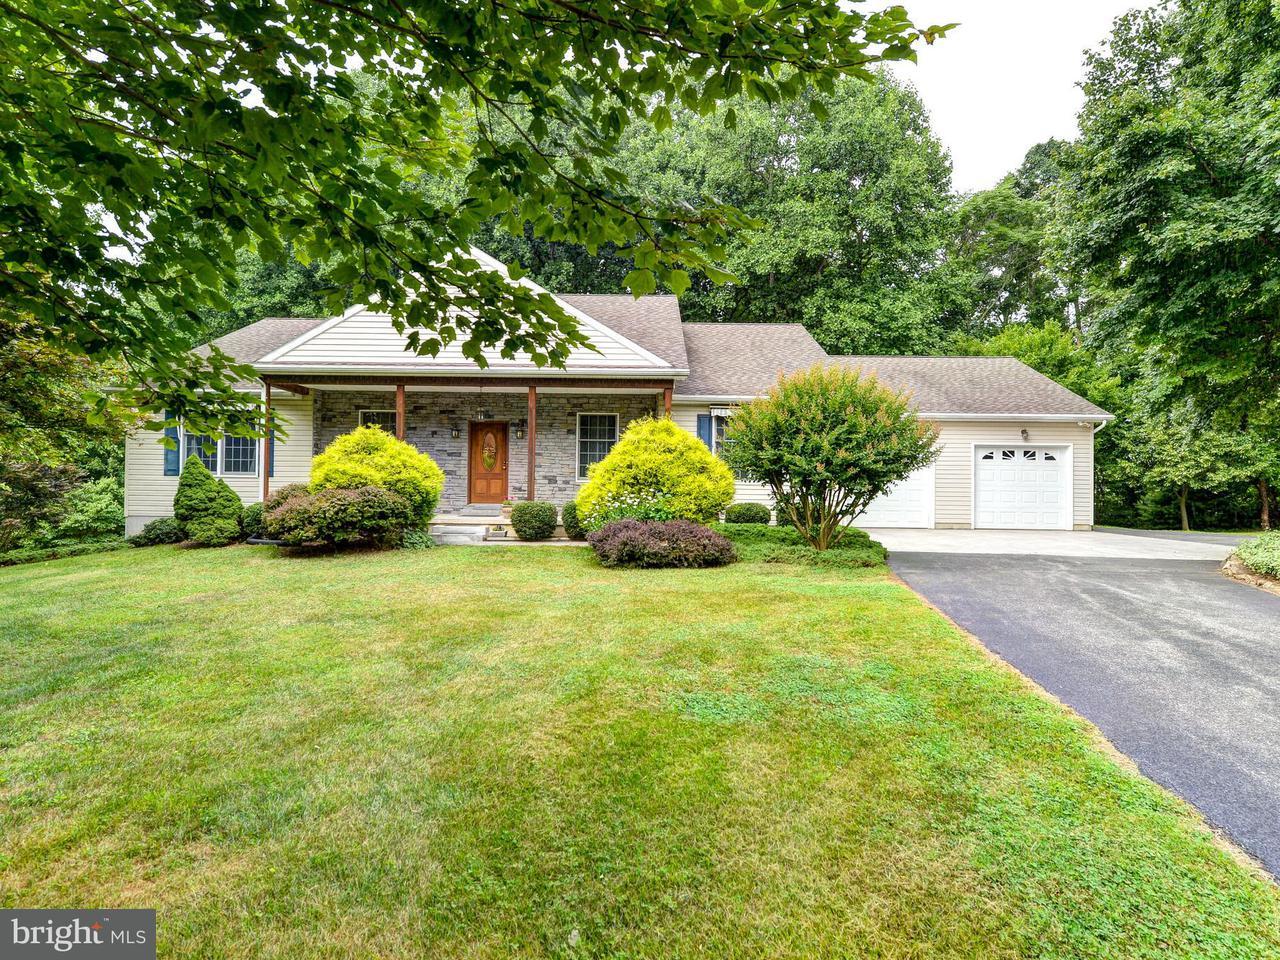 Частный односемейный дом для того Продажа на 1756 DOCTOR JACK Road 1756 DOCTOR JACK Road Conowingo, Мэриленд 21918 Соединенные Штаты